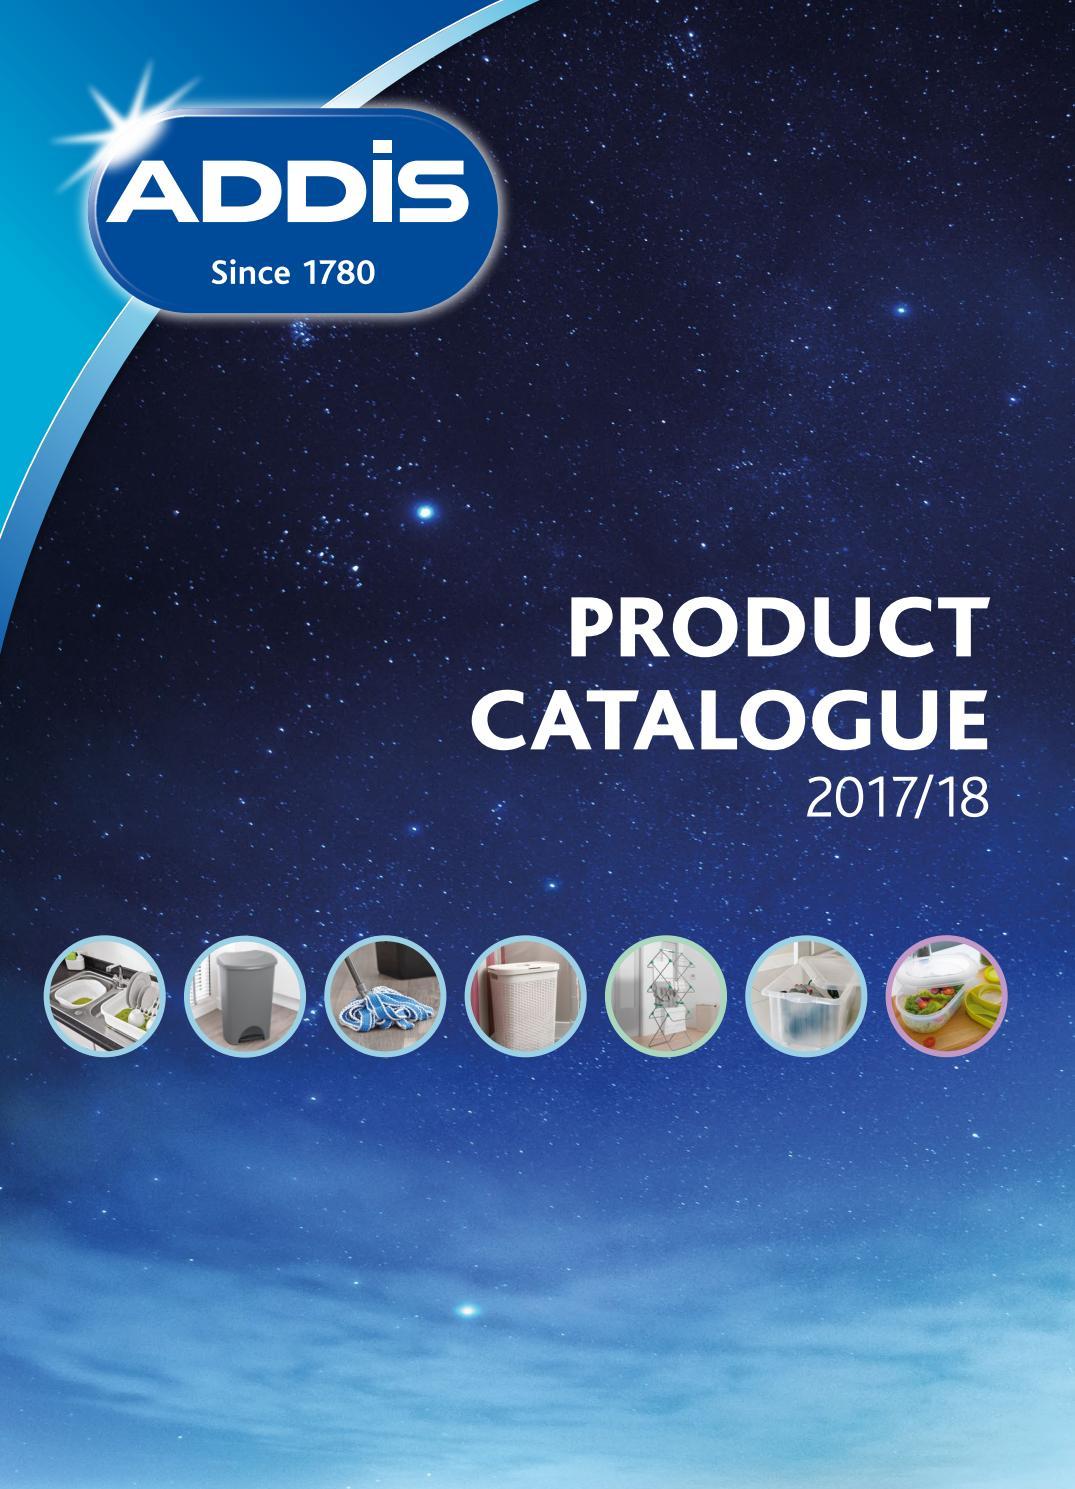 ADDIS 510562 9.5L LARGE RECTANGULAR BOWL METALLIC by Addis